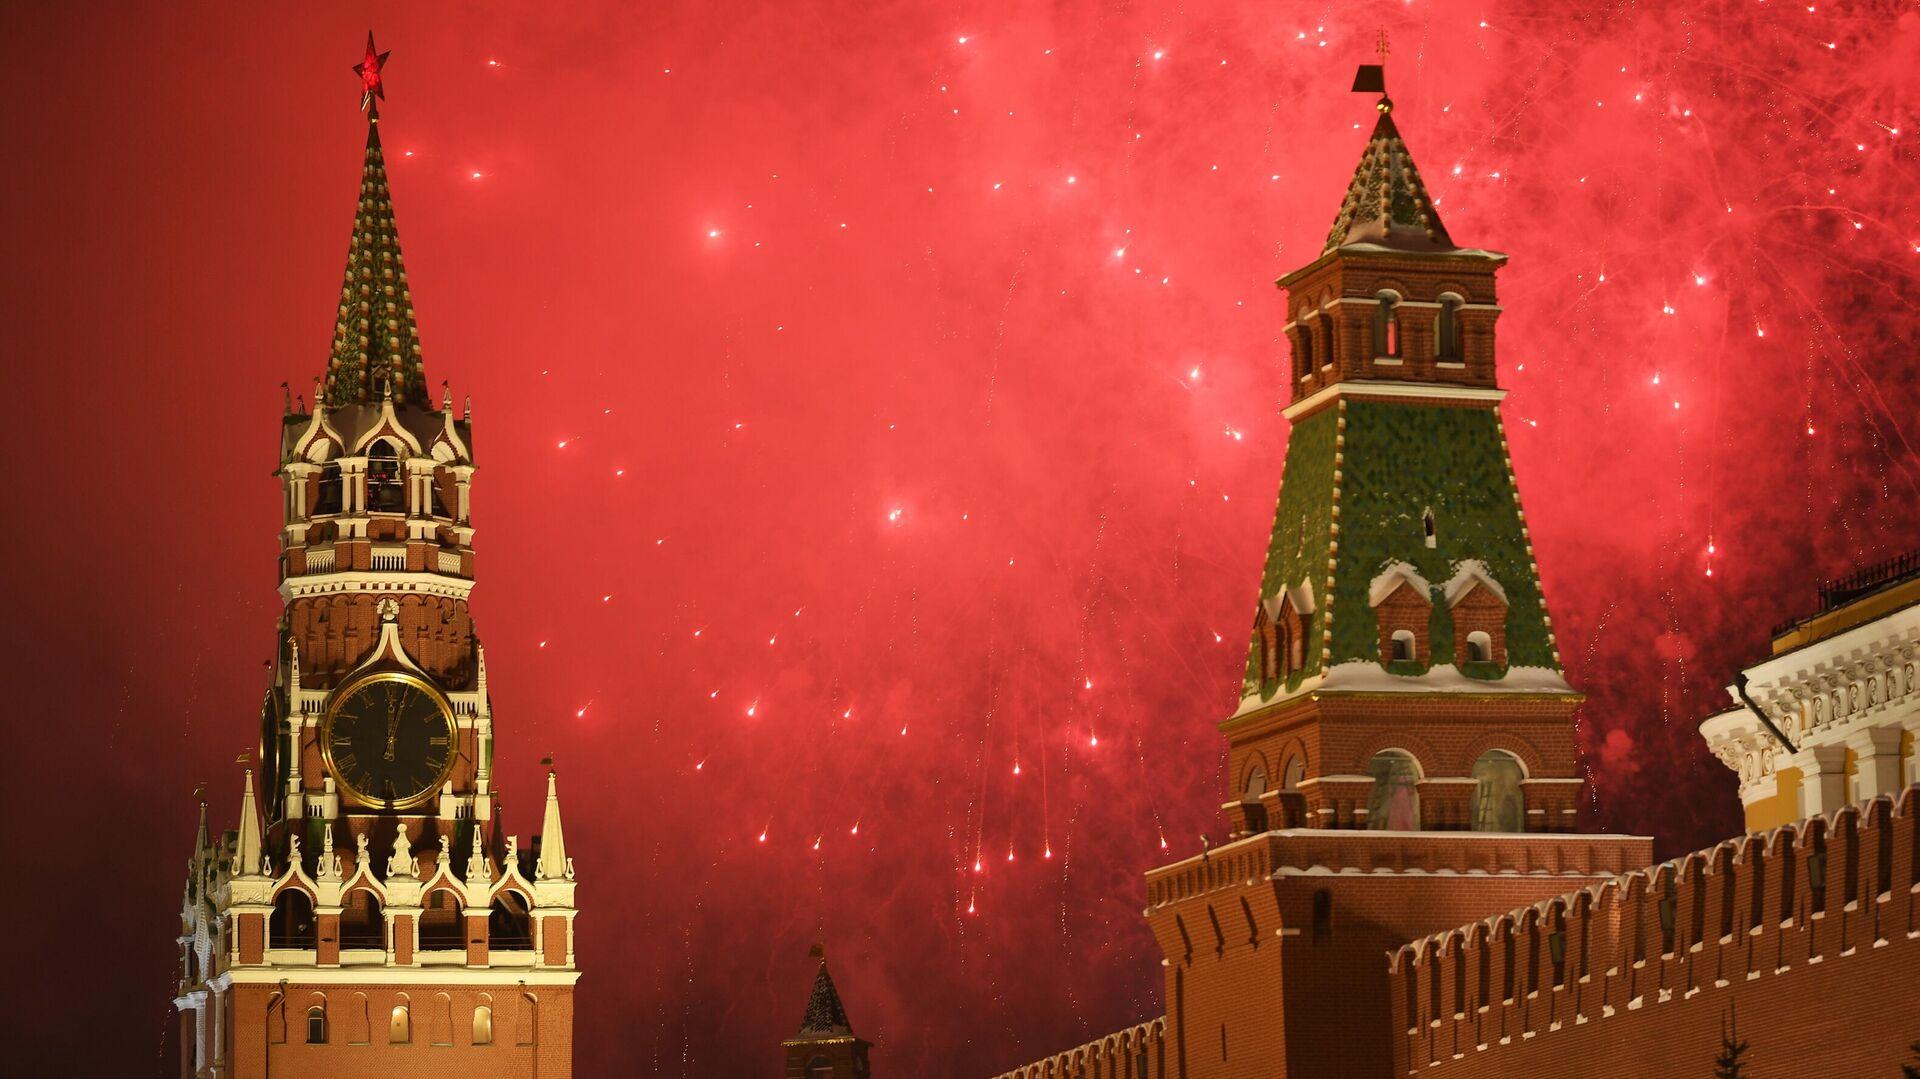 Празднование Нового года в Москве - РИА Новости, 1920, 21.12.2020